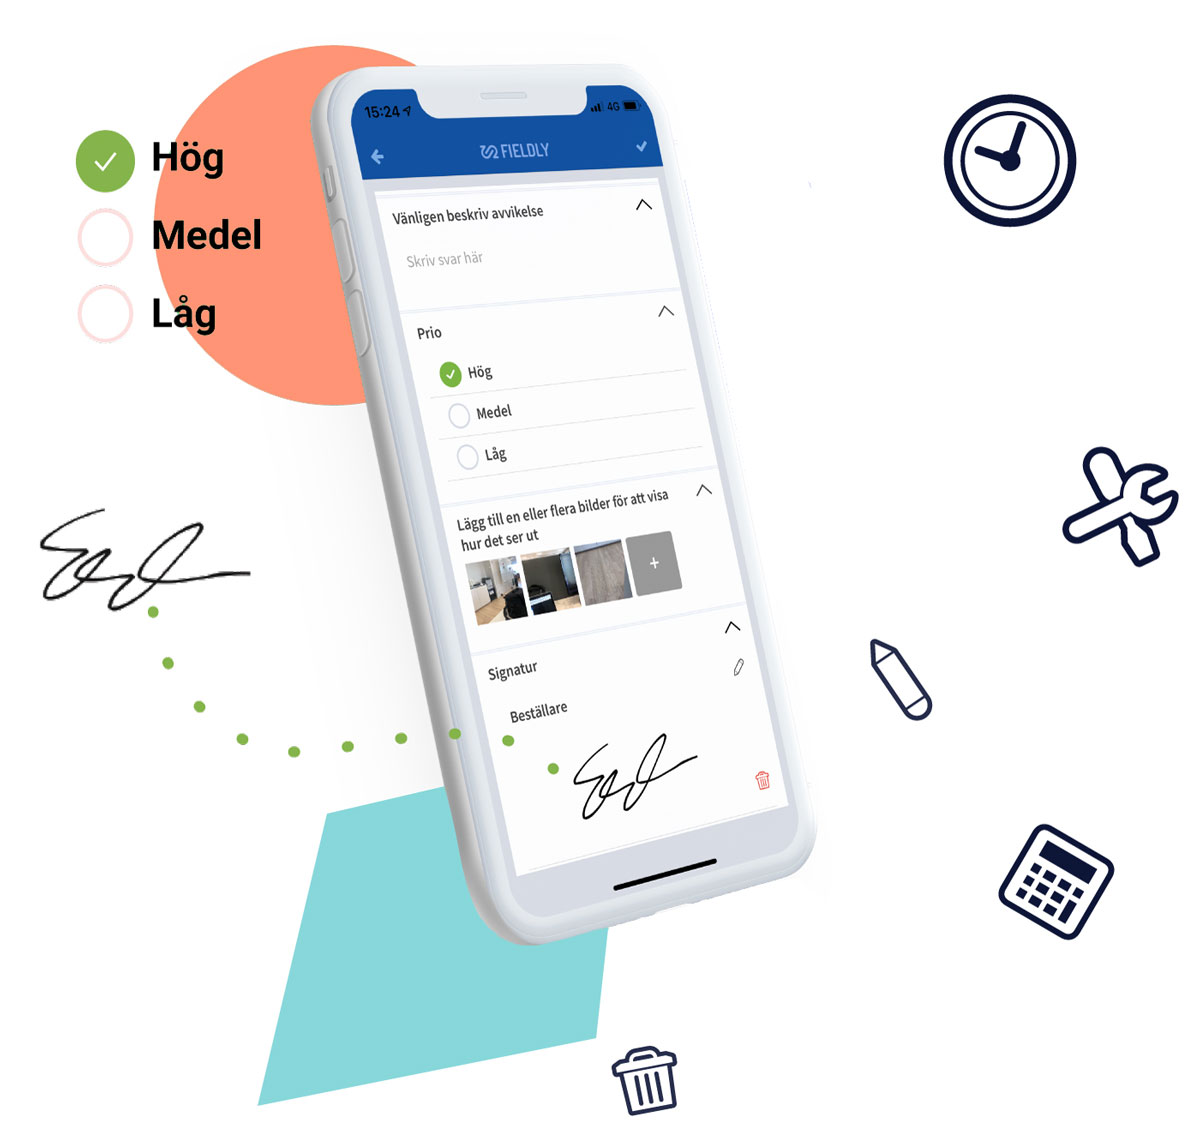 Mobila checklistor i fieldlys app